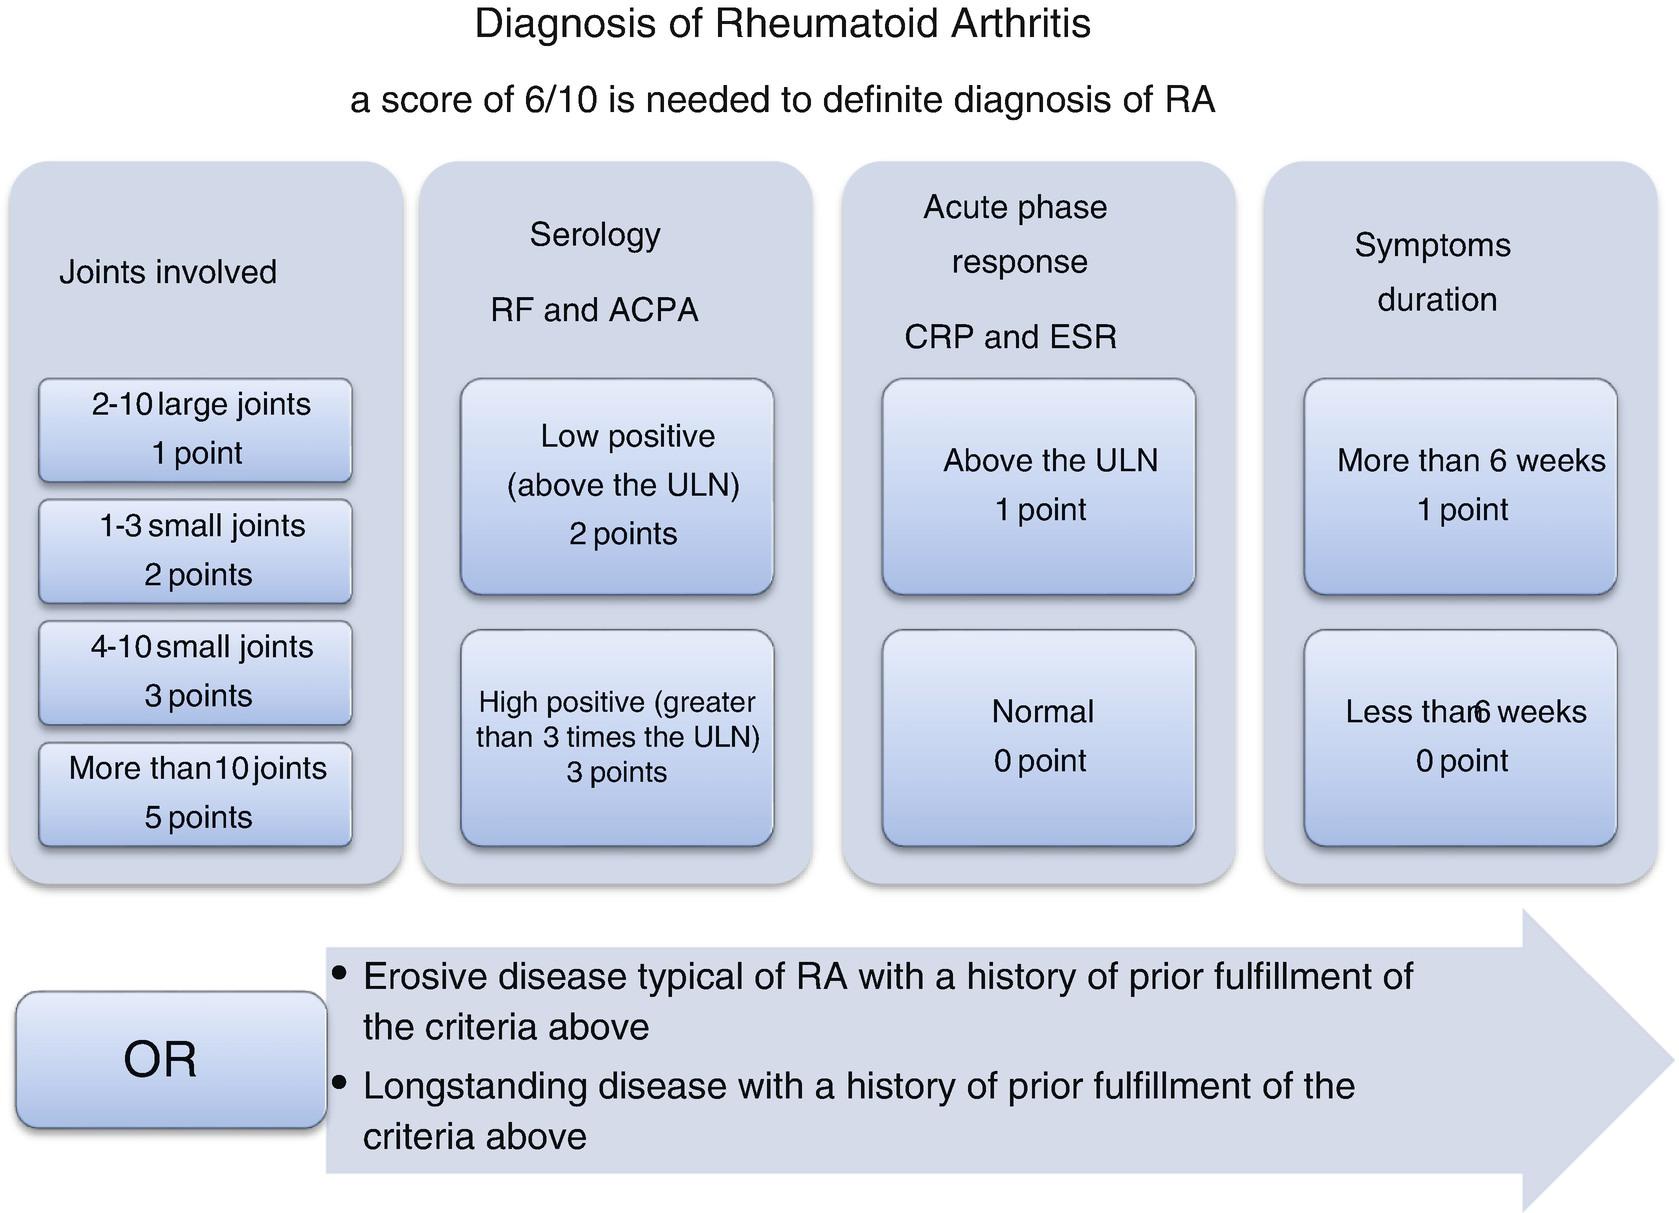 rheumatoid arthritis criteria 2021